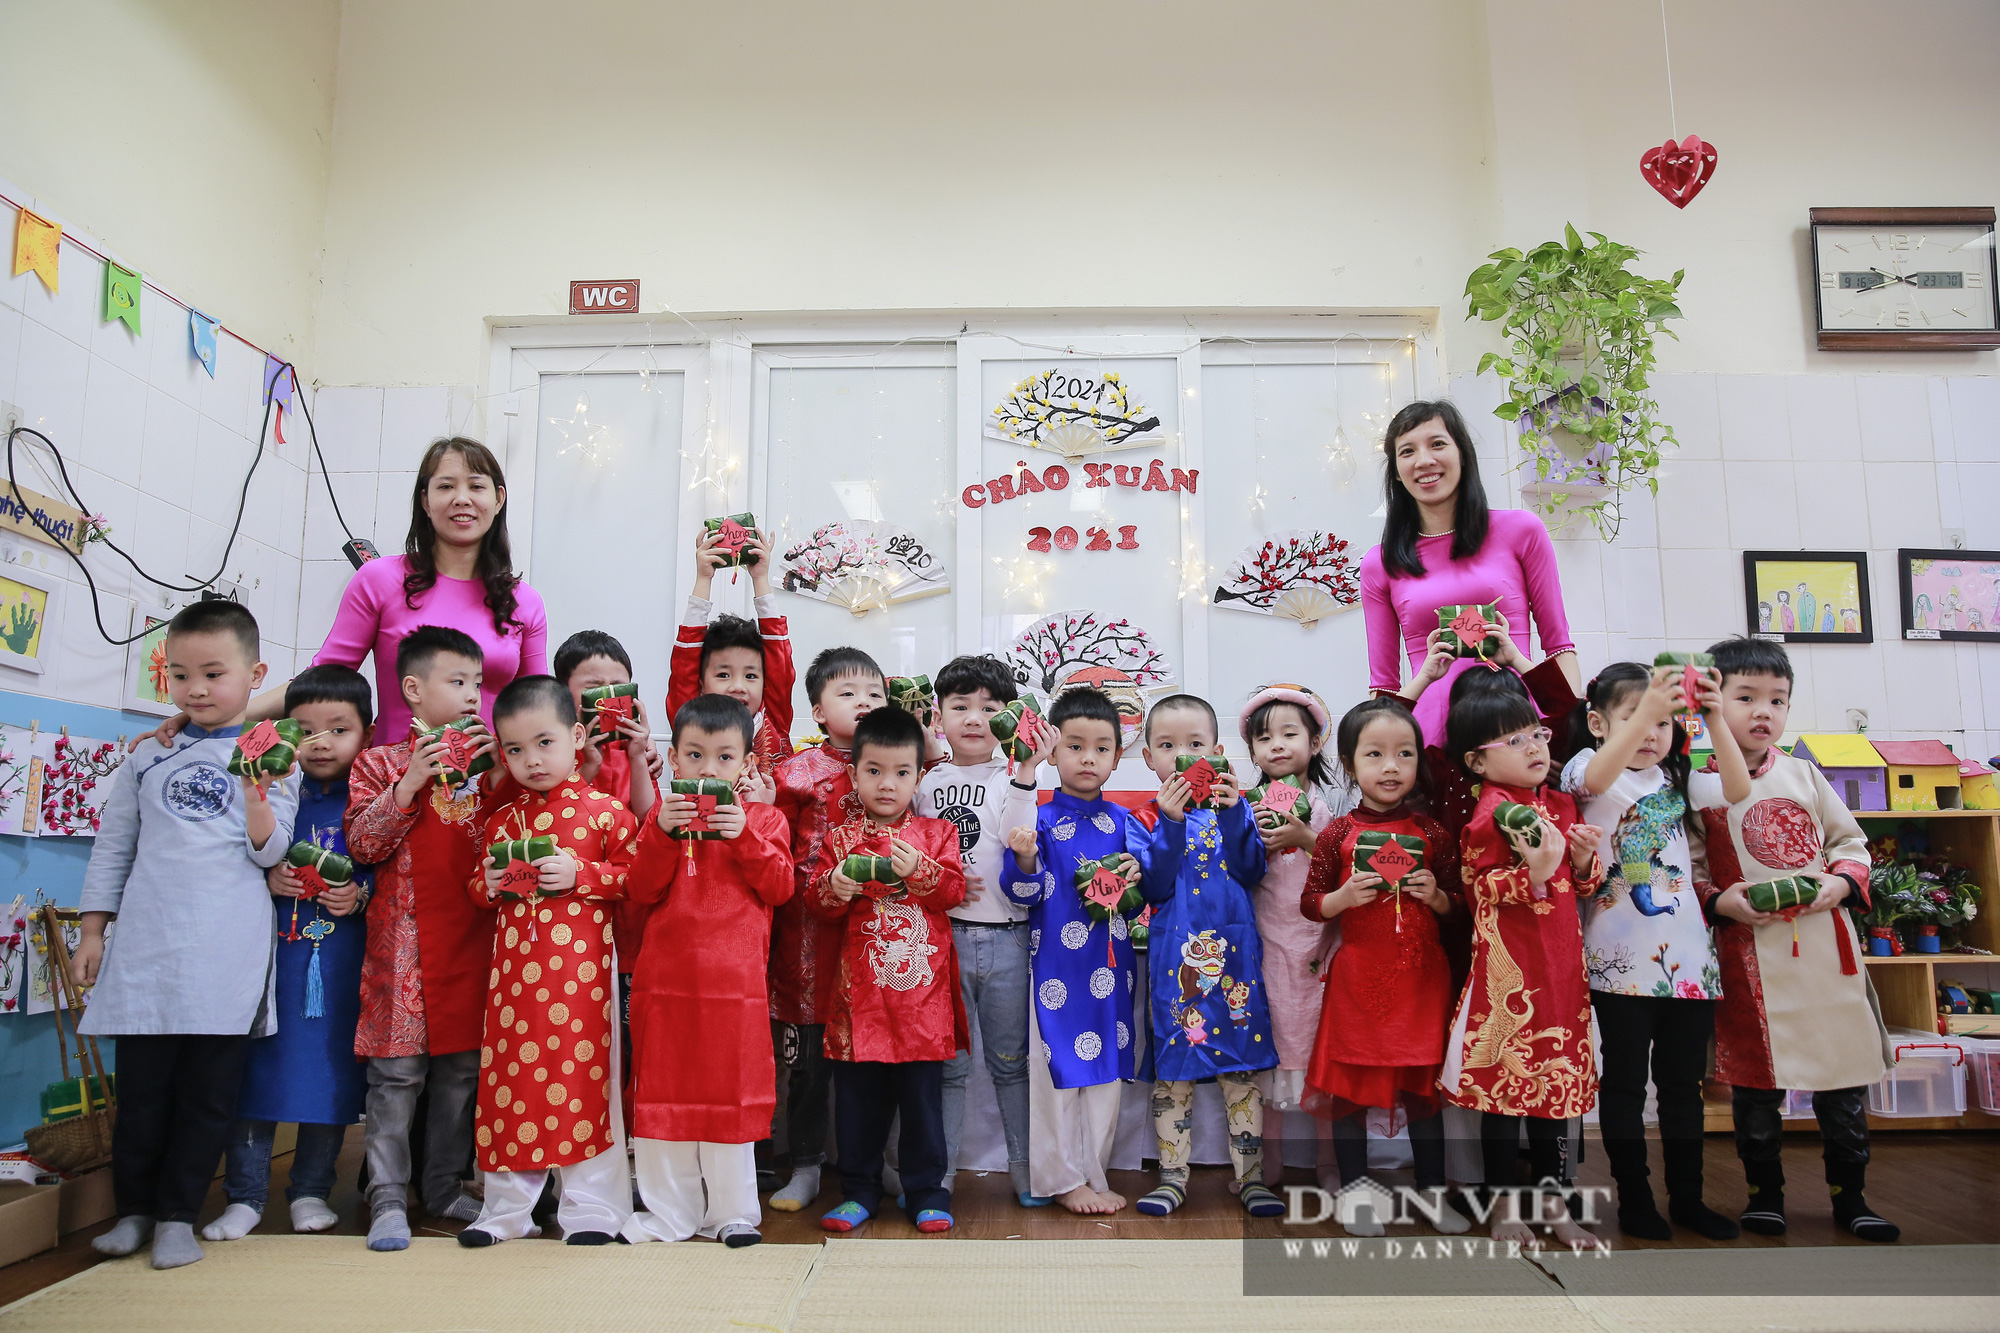 Trẻ em Hà Nội hào hứng khi lần đầu được gói bánh chưng cùng cha mẹ - Ảnh 12.